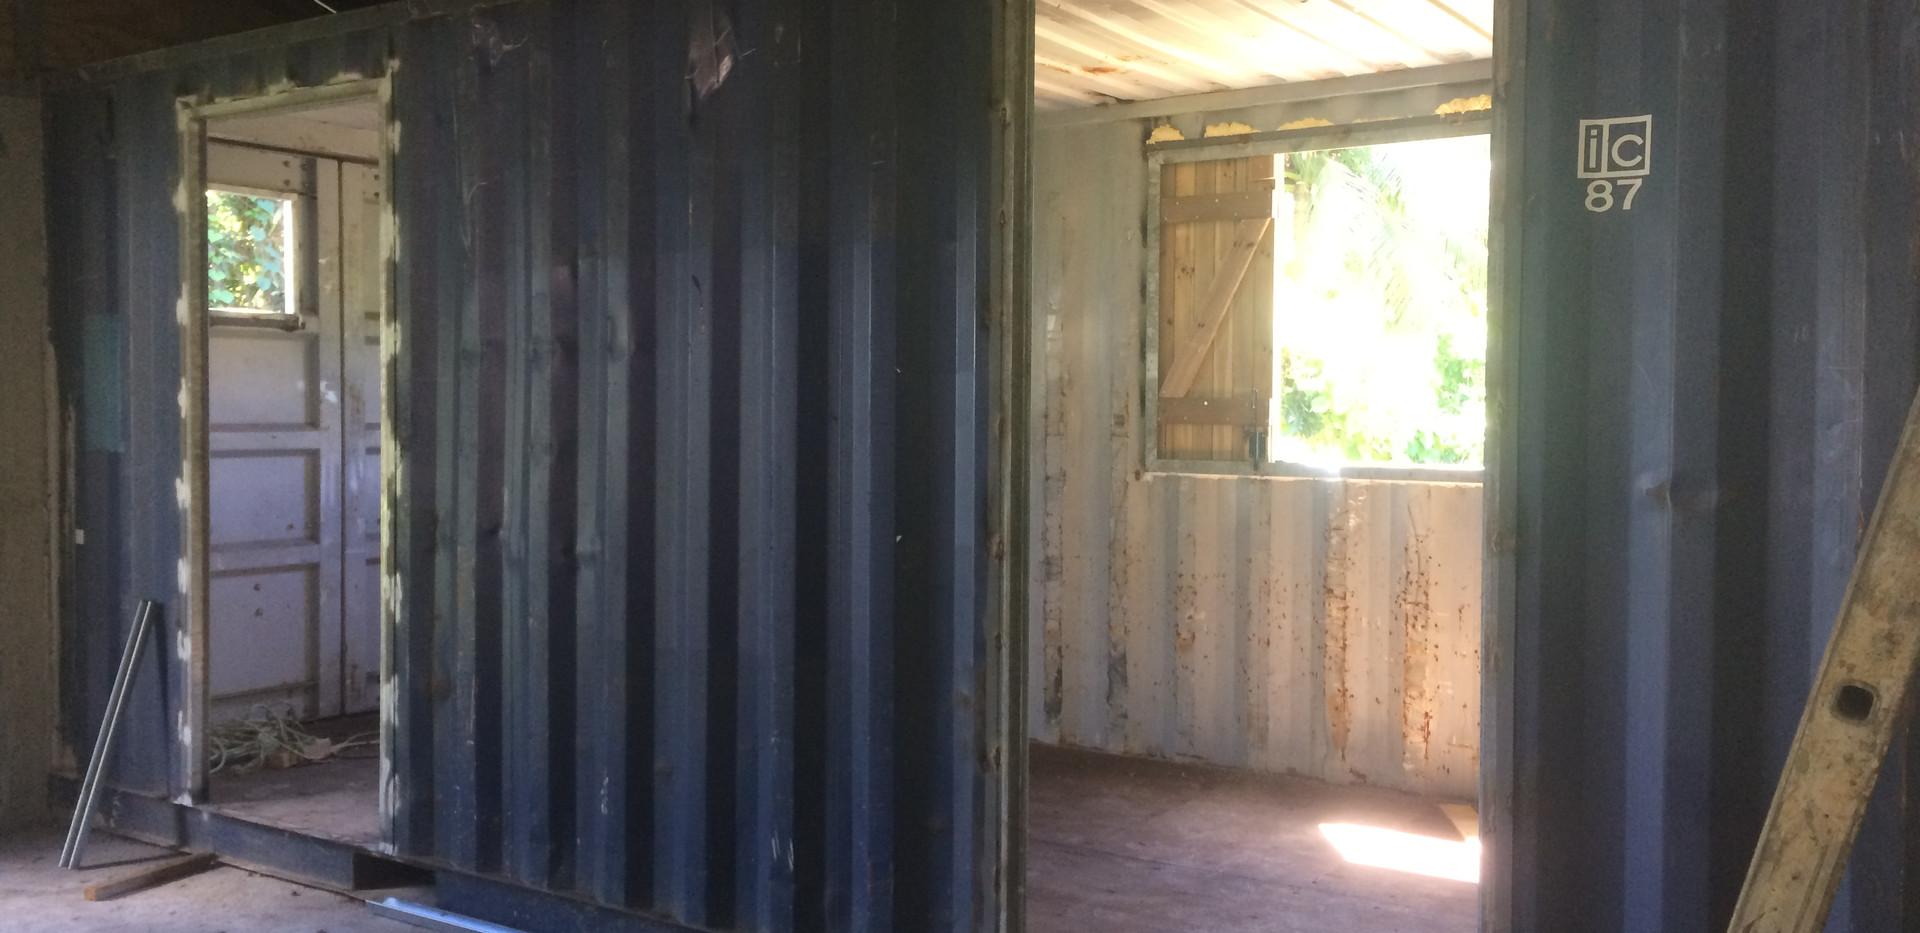 Aménagement professionnel  24 ESO BTP - Travaux de construction et rénovation - Guadeloupe